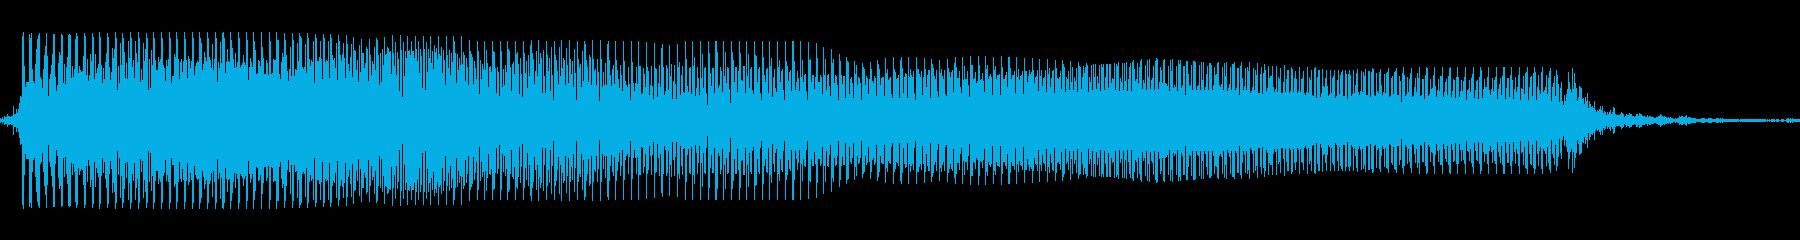 ギターメタルパワーコードza wの再生済みの波形